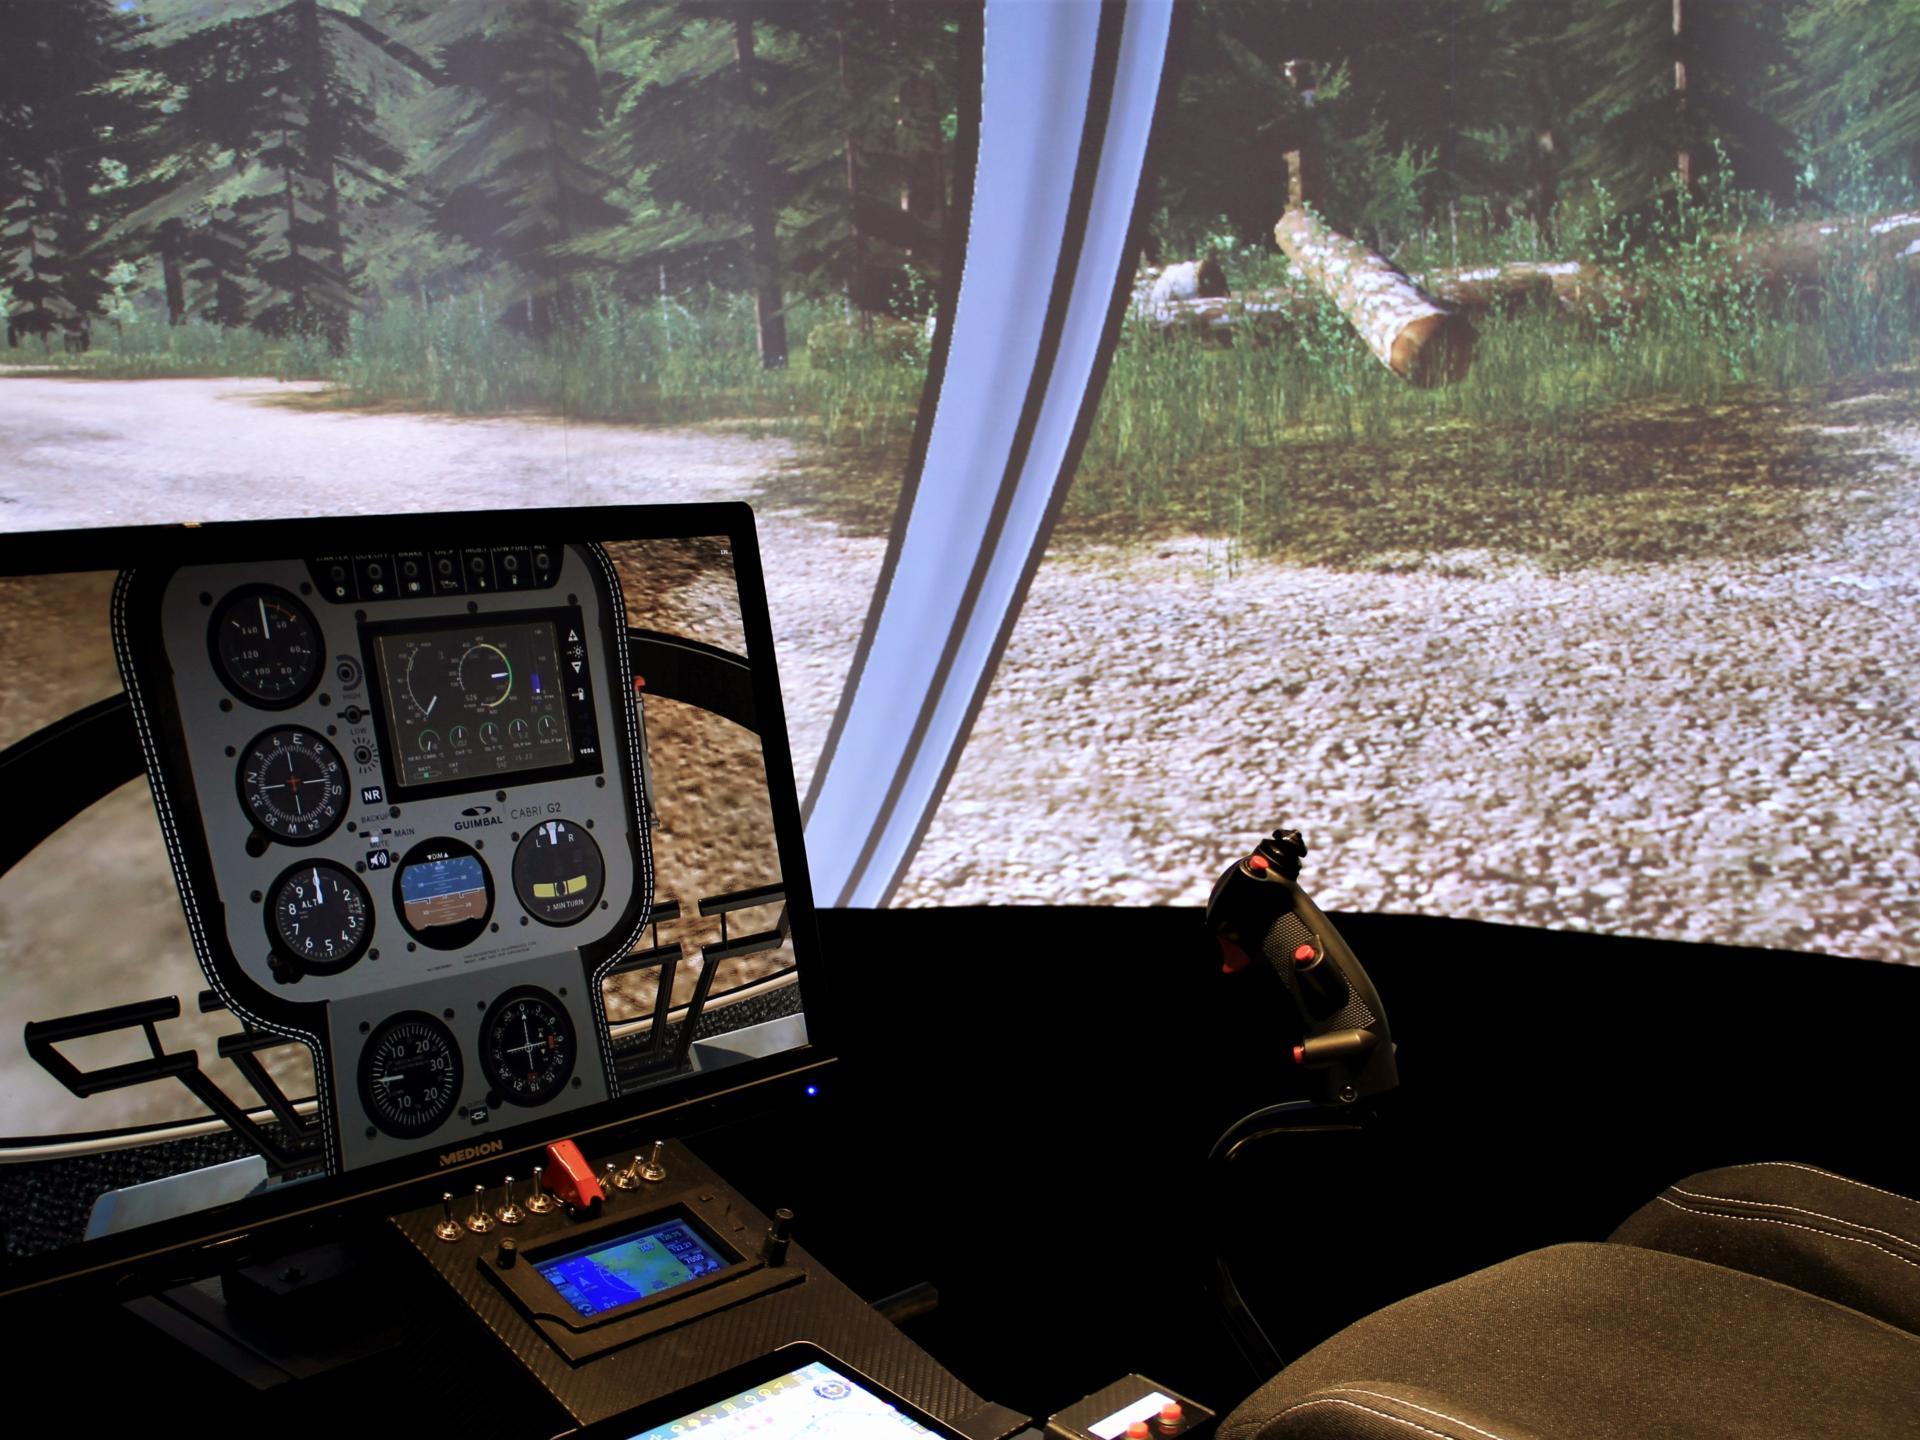 Vol sur simulateur de vol helicoptere region parisienne